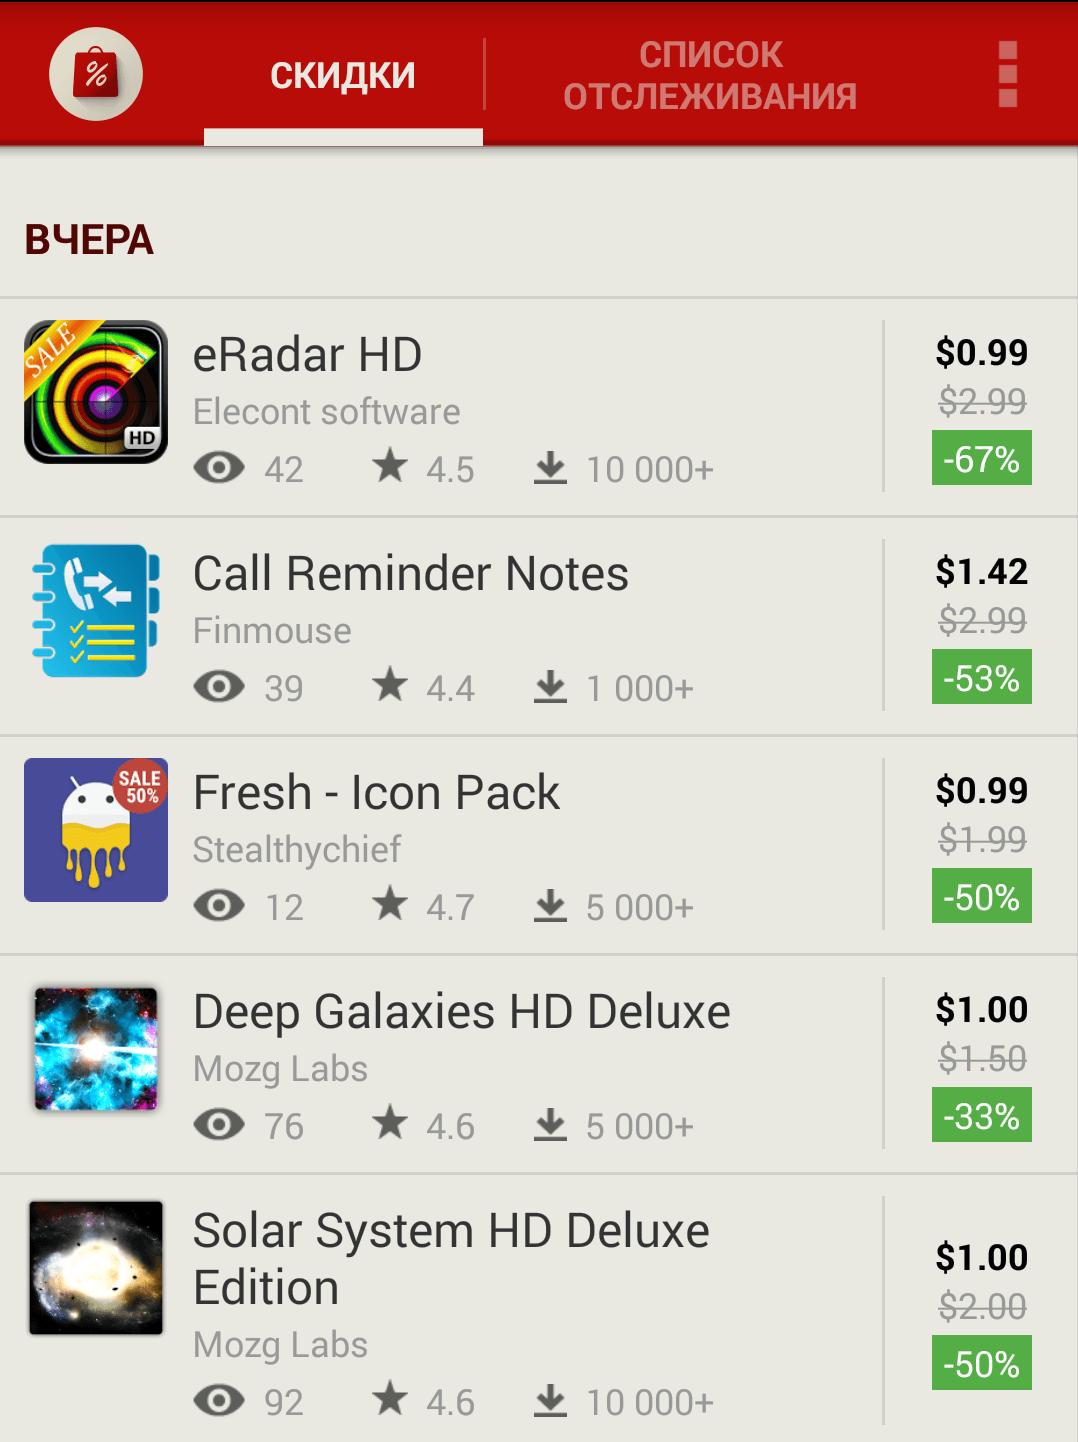 Как скачивать платные приложения бесплатно на Android